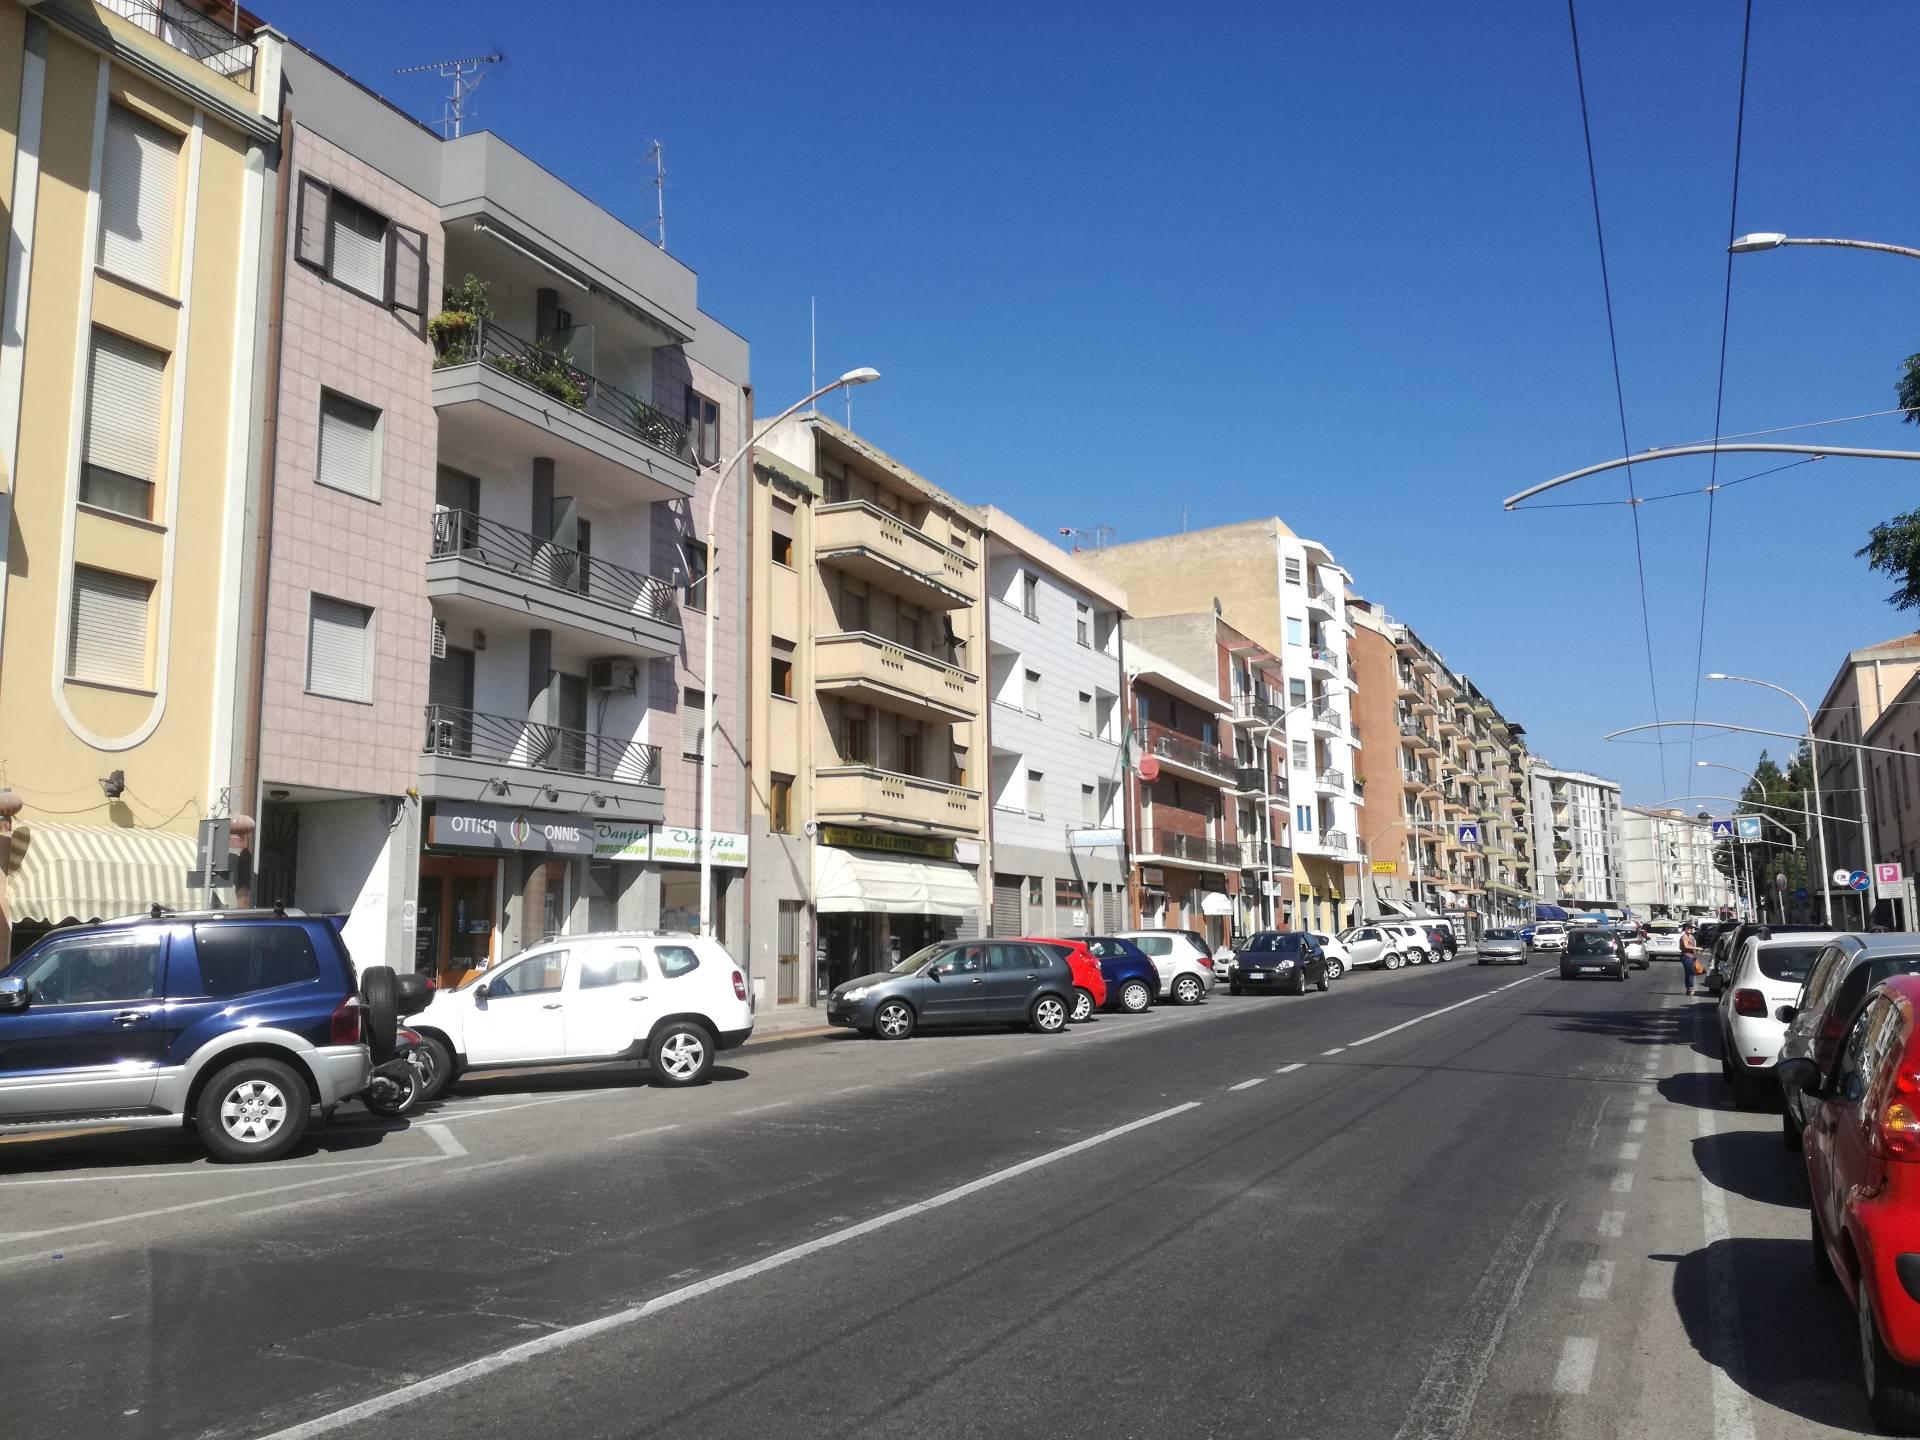 Appartamento in affitto a Cagliari, 3 locali, zona Località: IsMirrionis, prezzo € 650 | CambioCasa.it